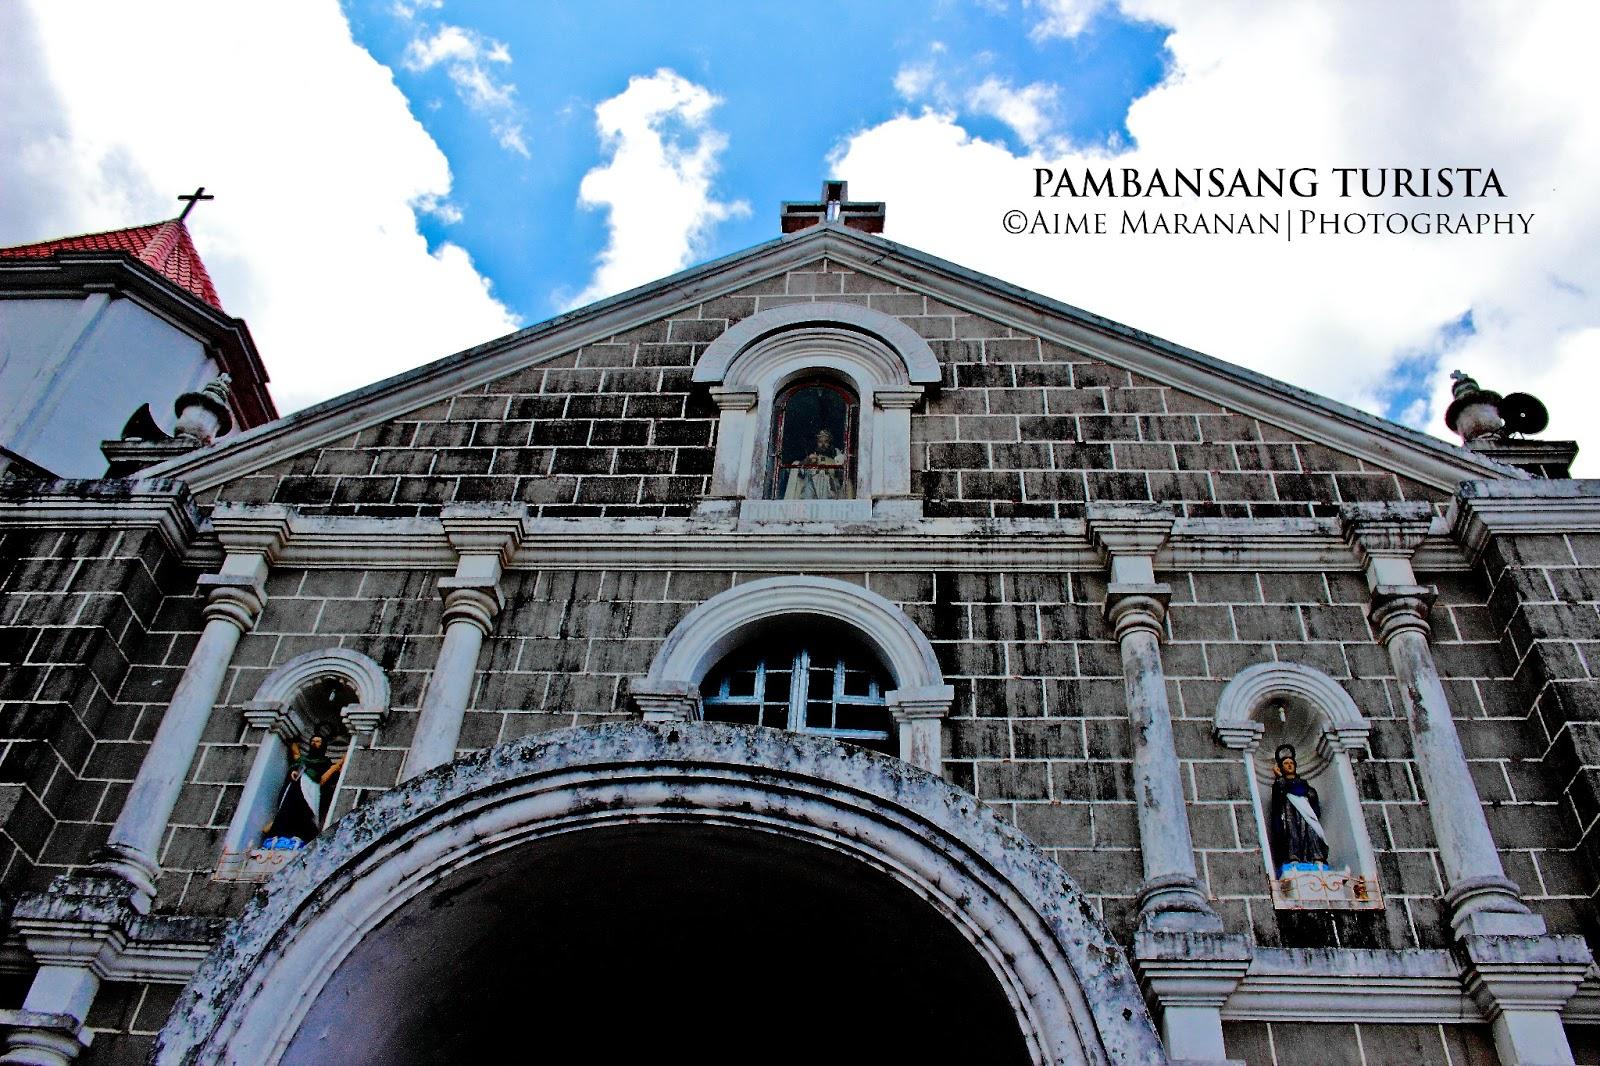 pambansang turista: cavite: indang - st. gregory the great parish